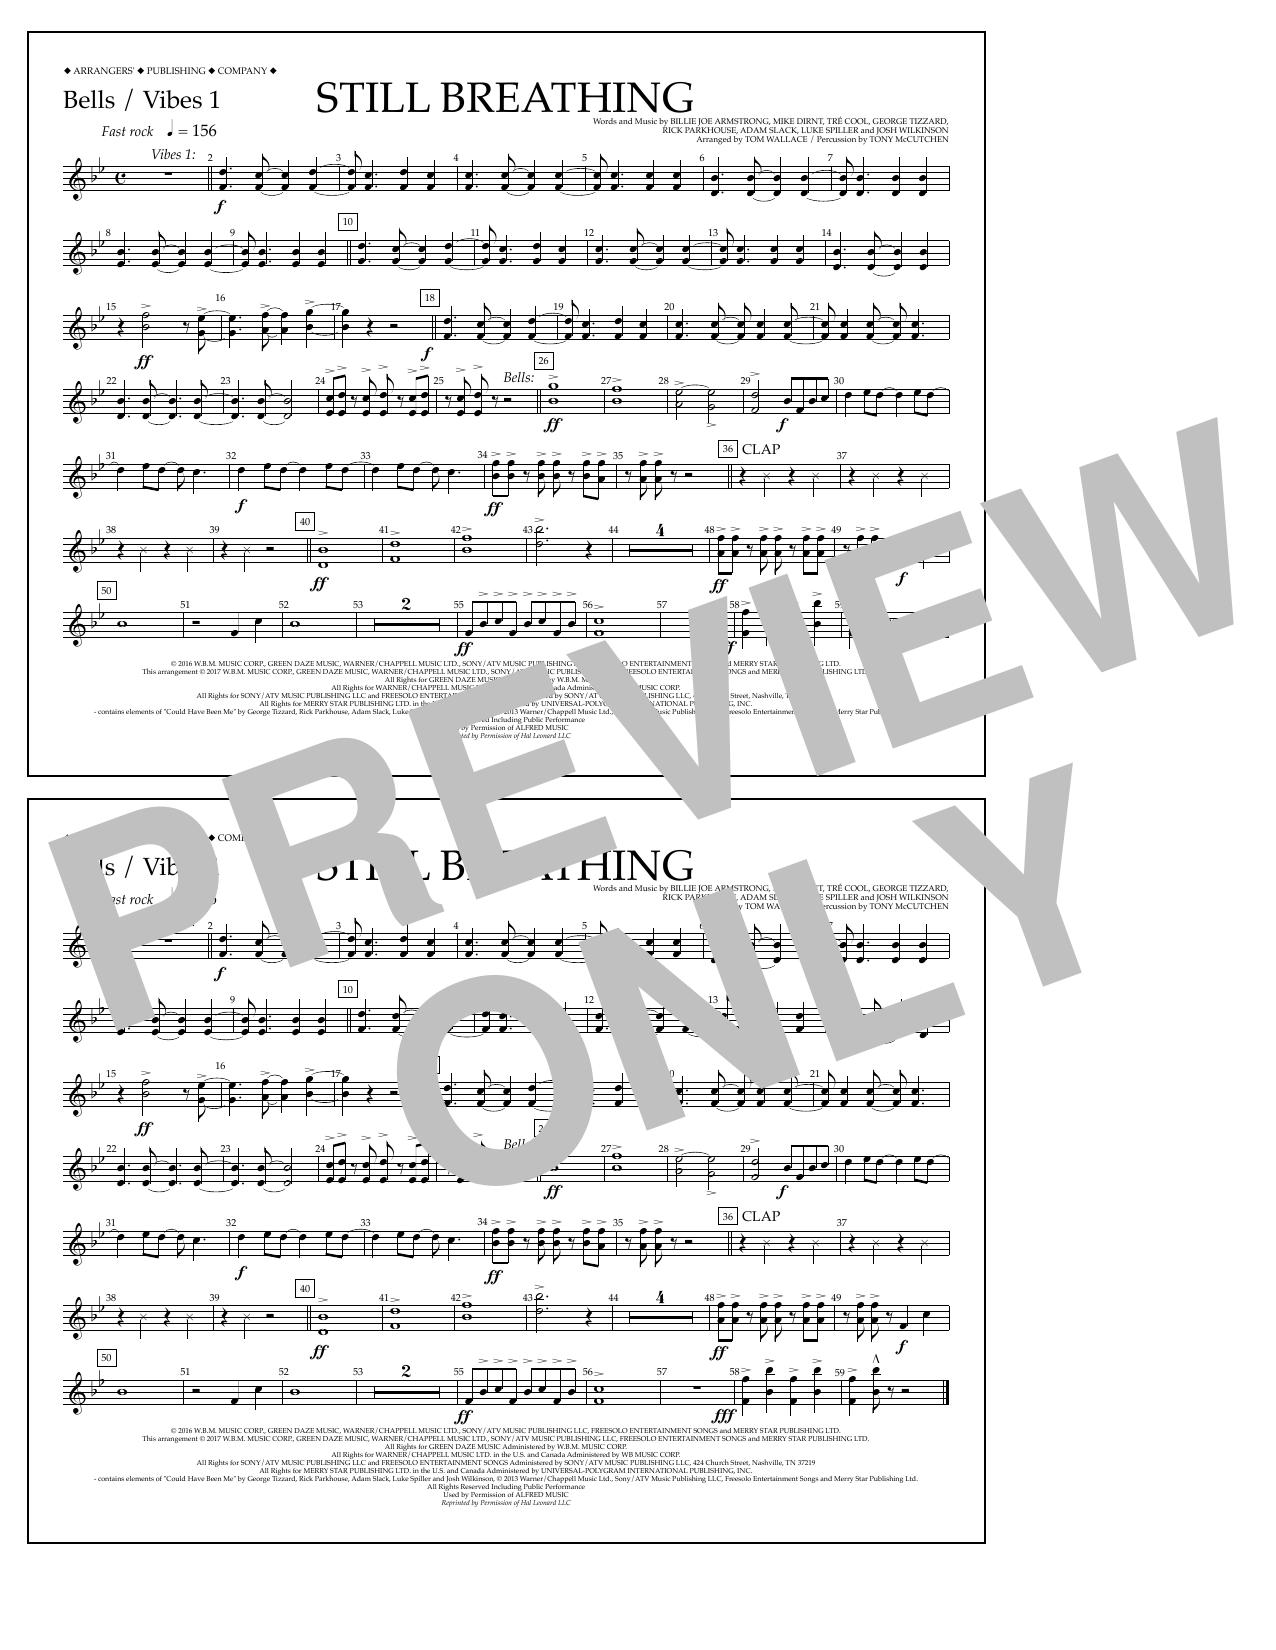 Still Breathing - Bells/Vibes 1 Sheet Music